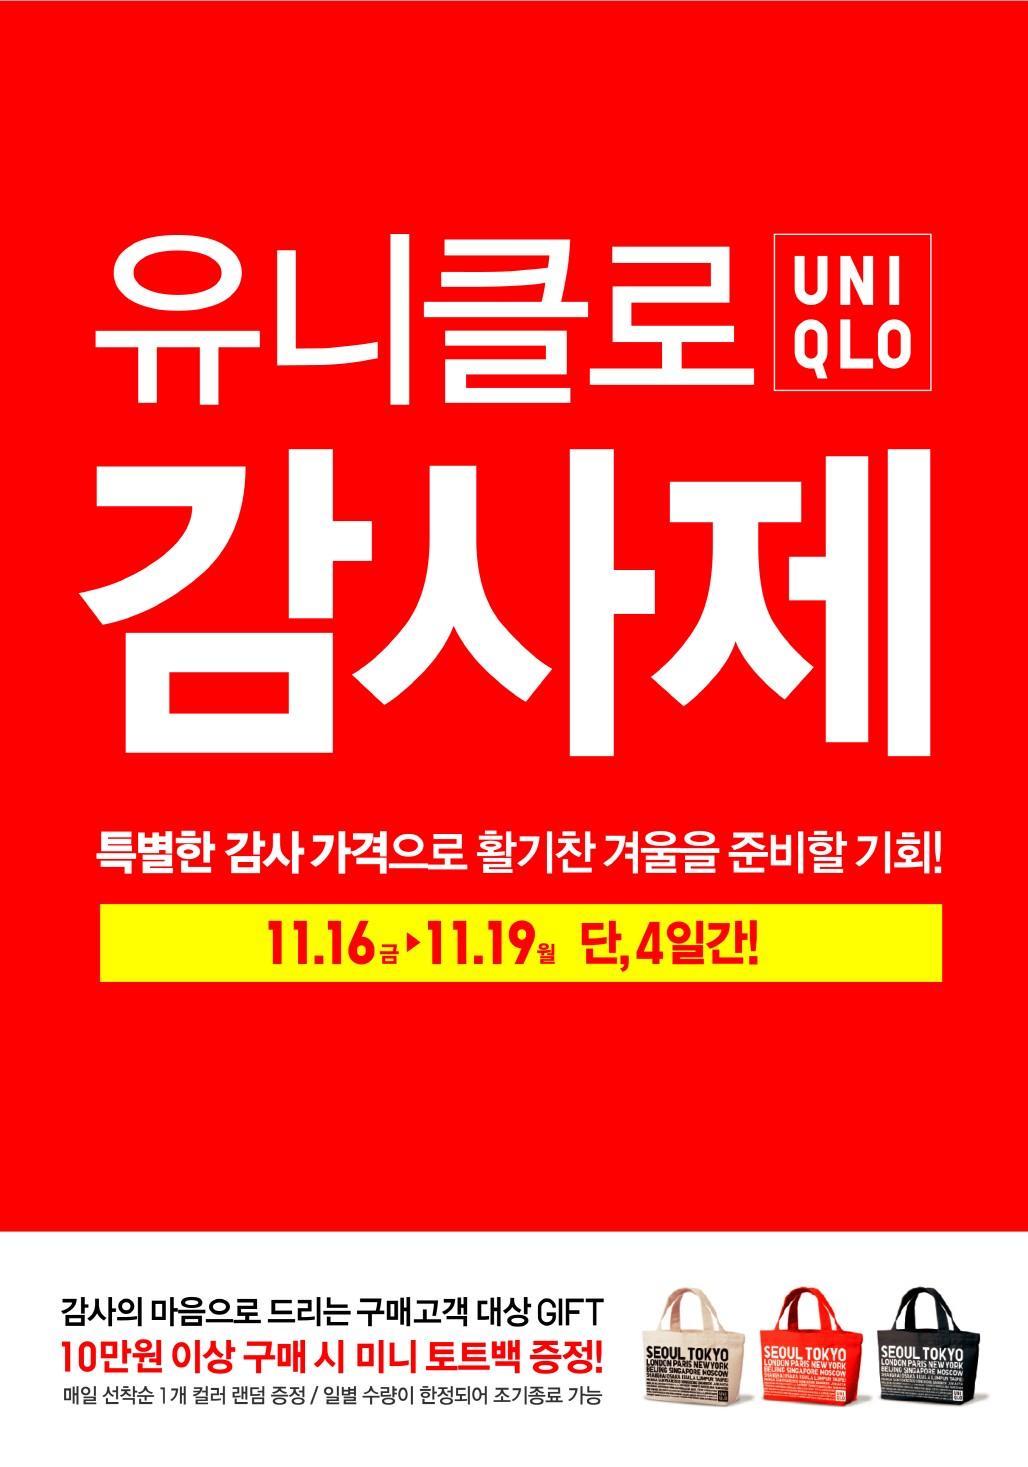 """'유니클로 감사제' 앞두고 역풍?…""""불매운동도 모자랄 판에 현혹돼야 하나"""""""